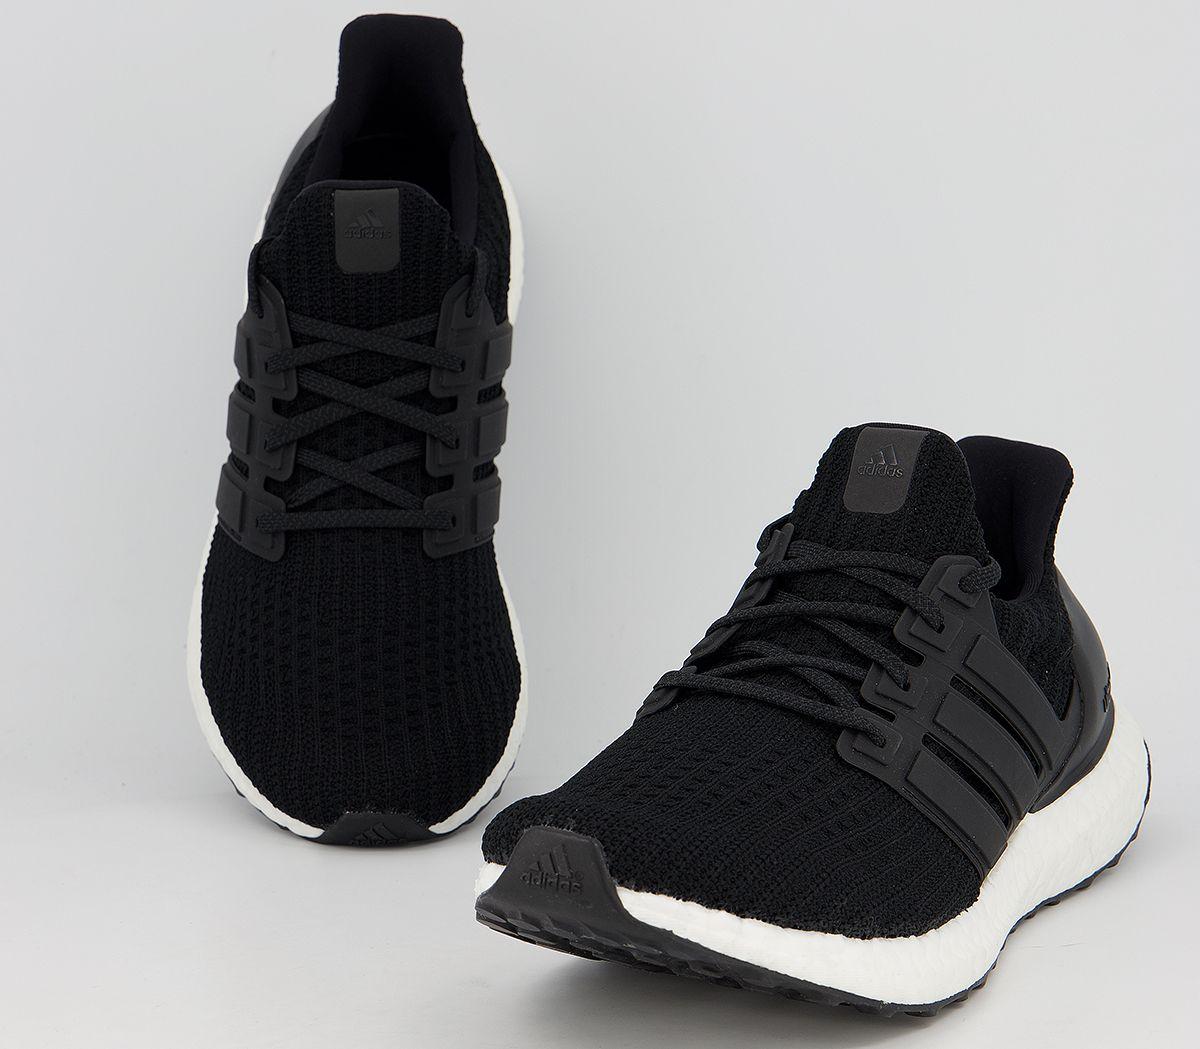 the latest caefa 1c3b0 SENTINEL Scarpe uomo Adidas Ultra Boost istruttori formatori bianco nero